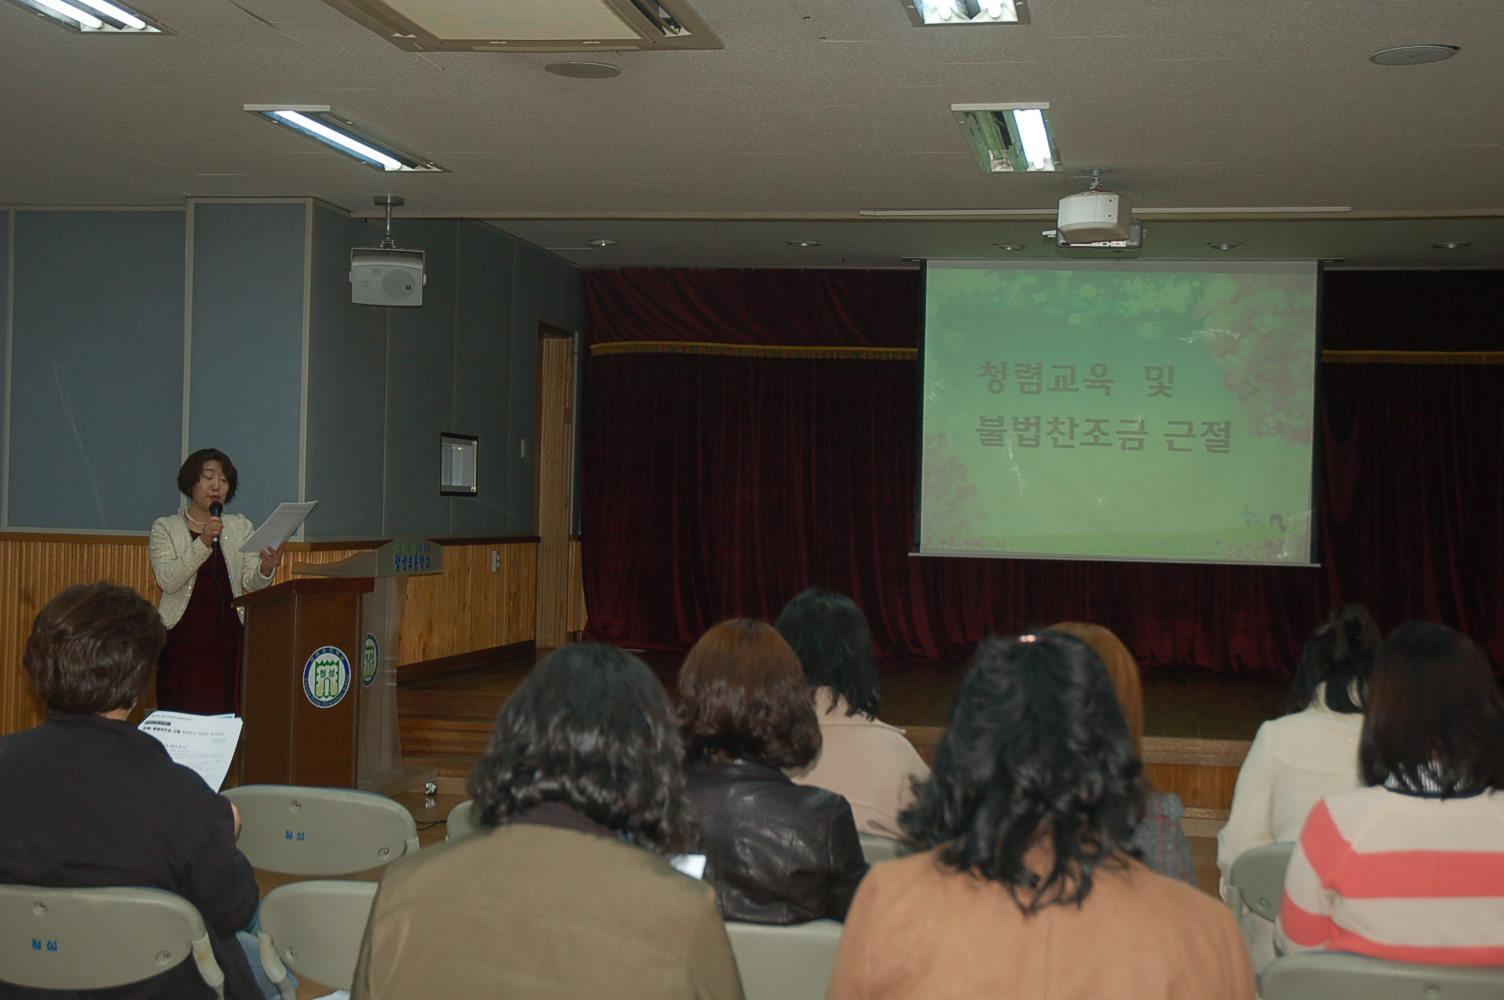 [일반] 2019학년도 학부모총회의 첨부이미지 3